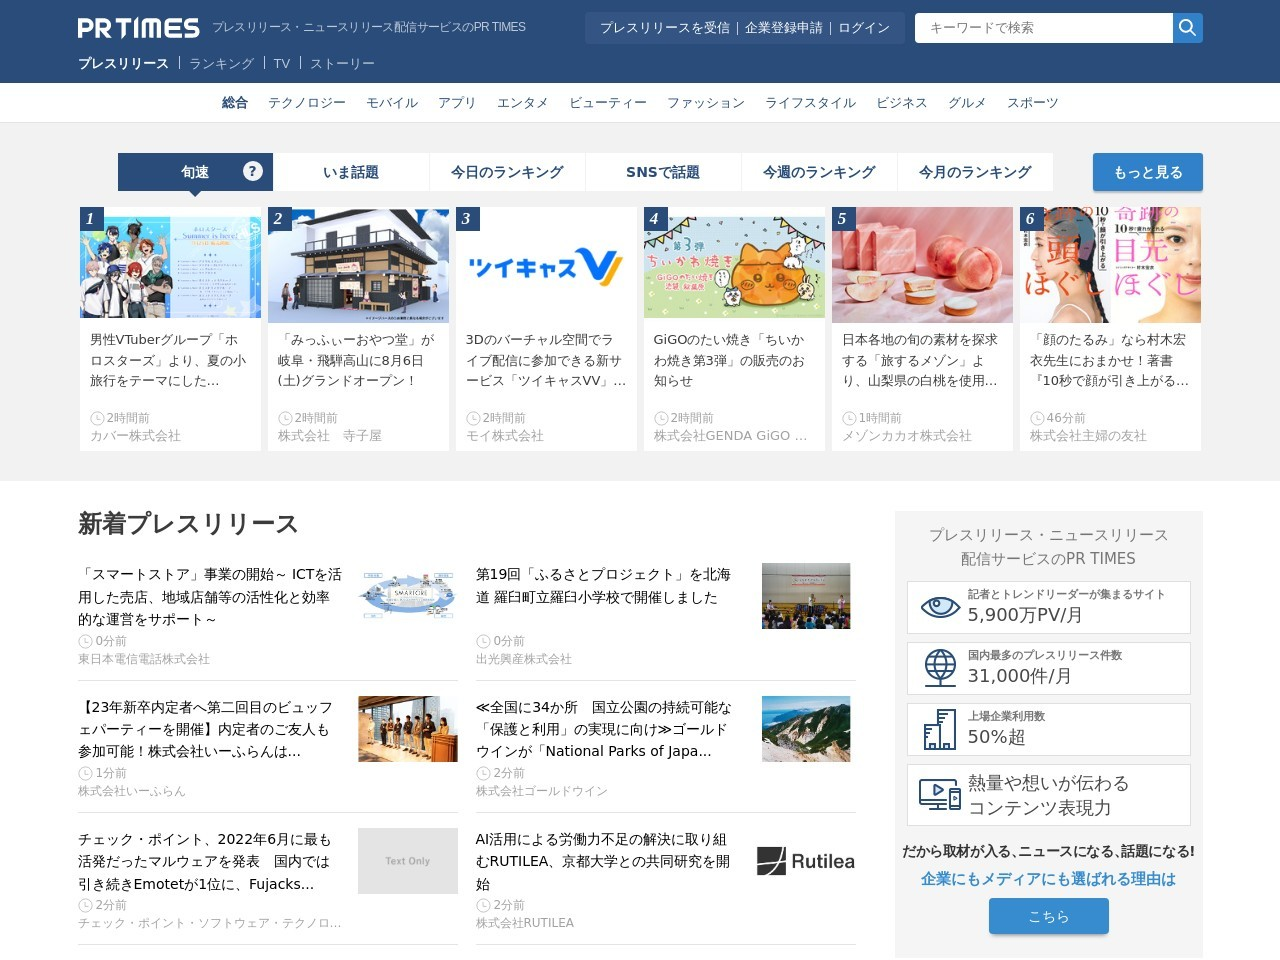 育児動画メディア「Babily」が中国で合計1000万ユーザーを突破